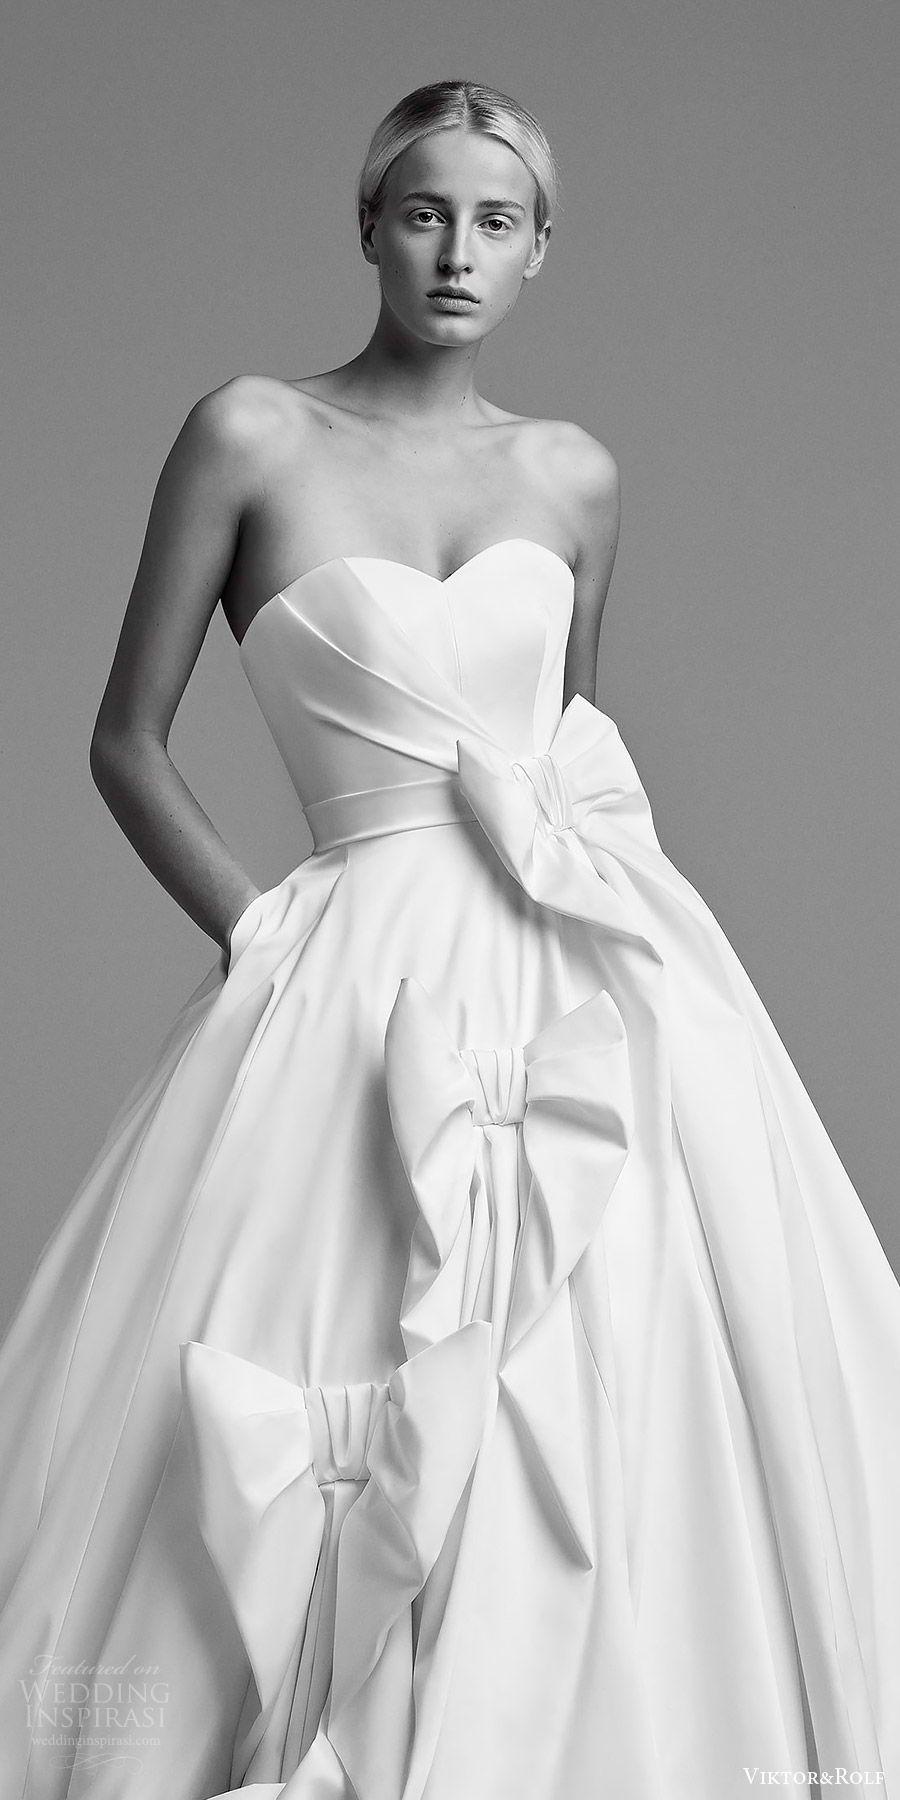 Viktorurolf fall wedding dresses in wedding gowns